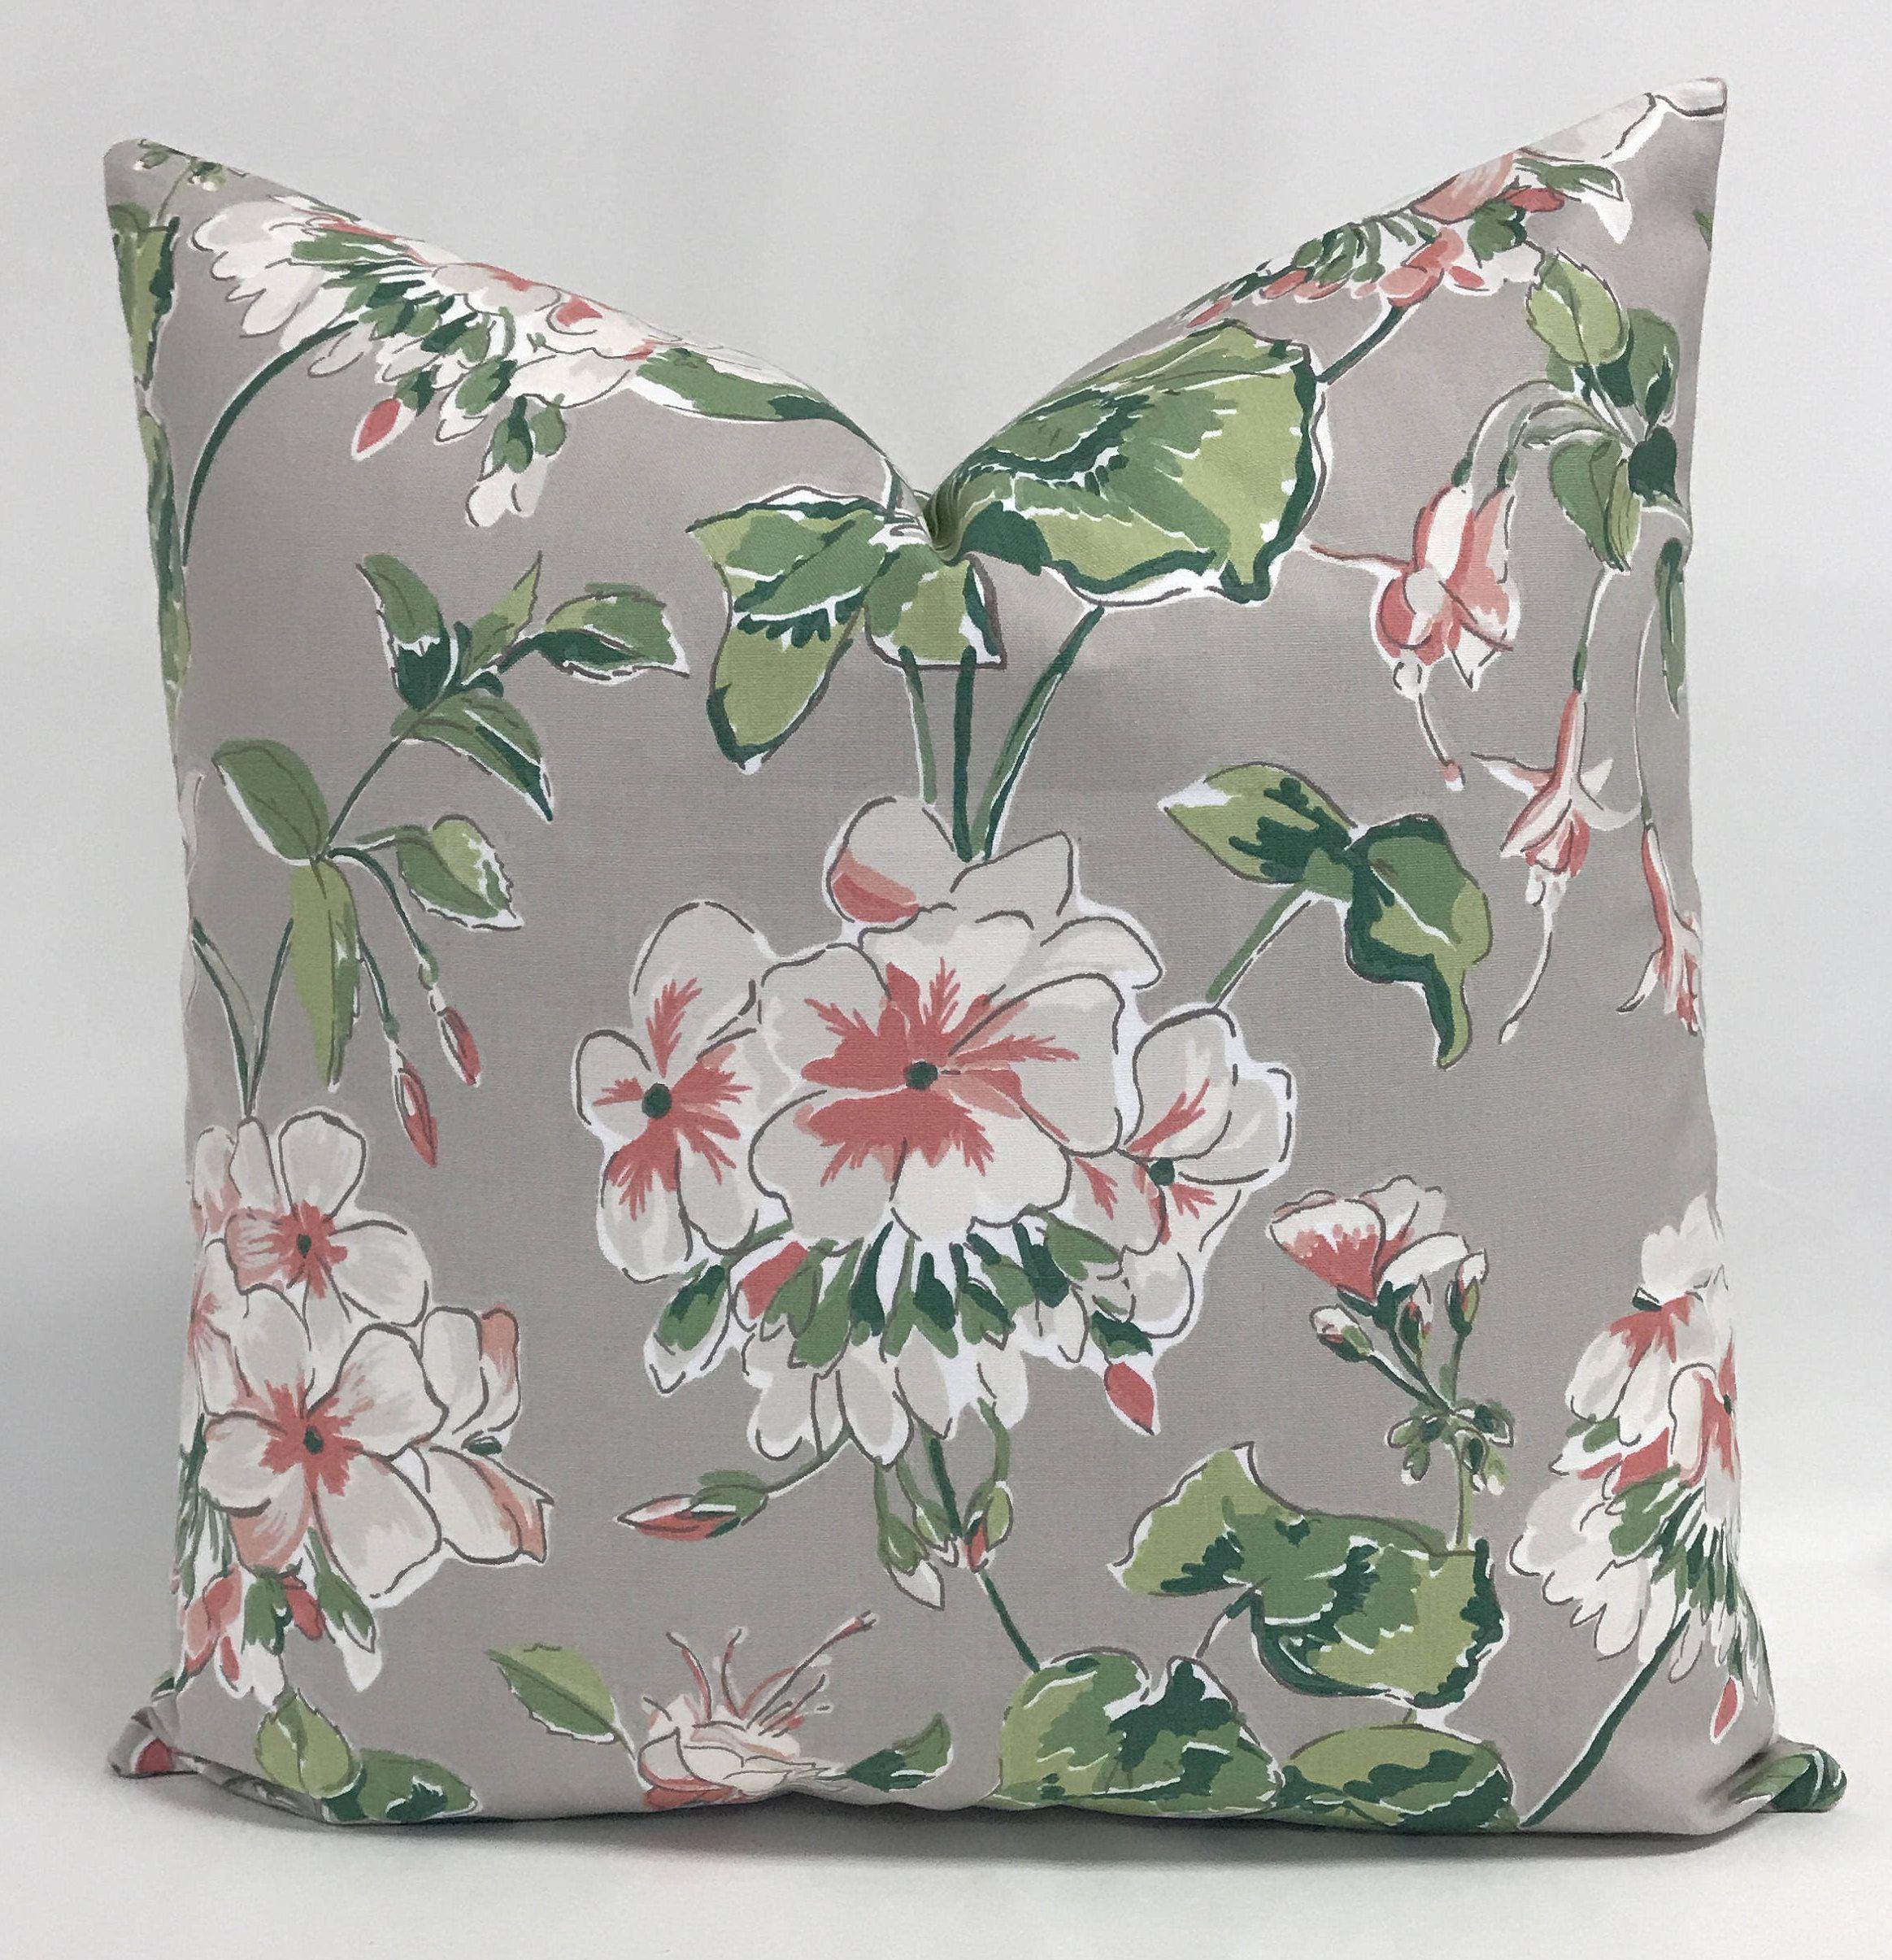 Pillow cover floral pillow geranium design pillow gray pink